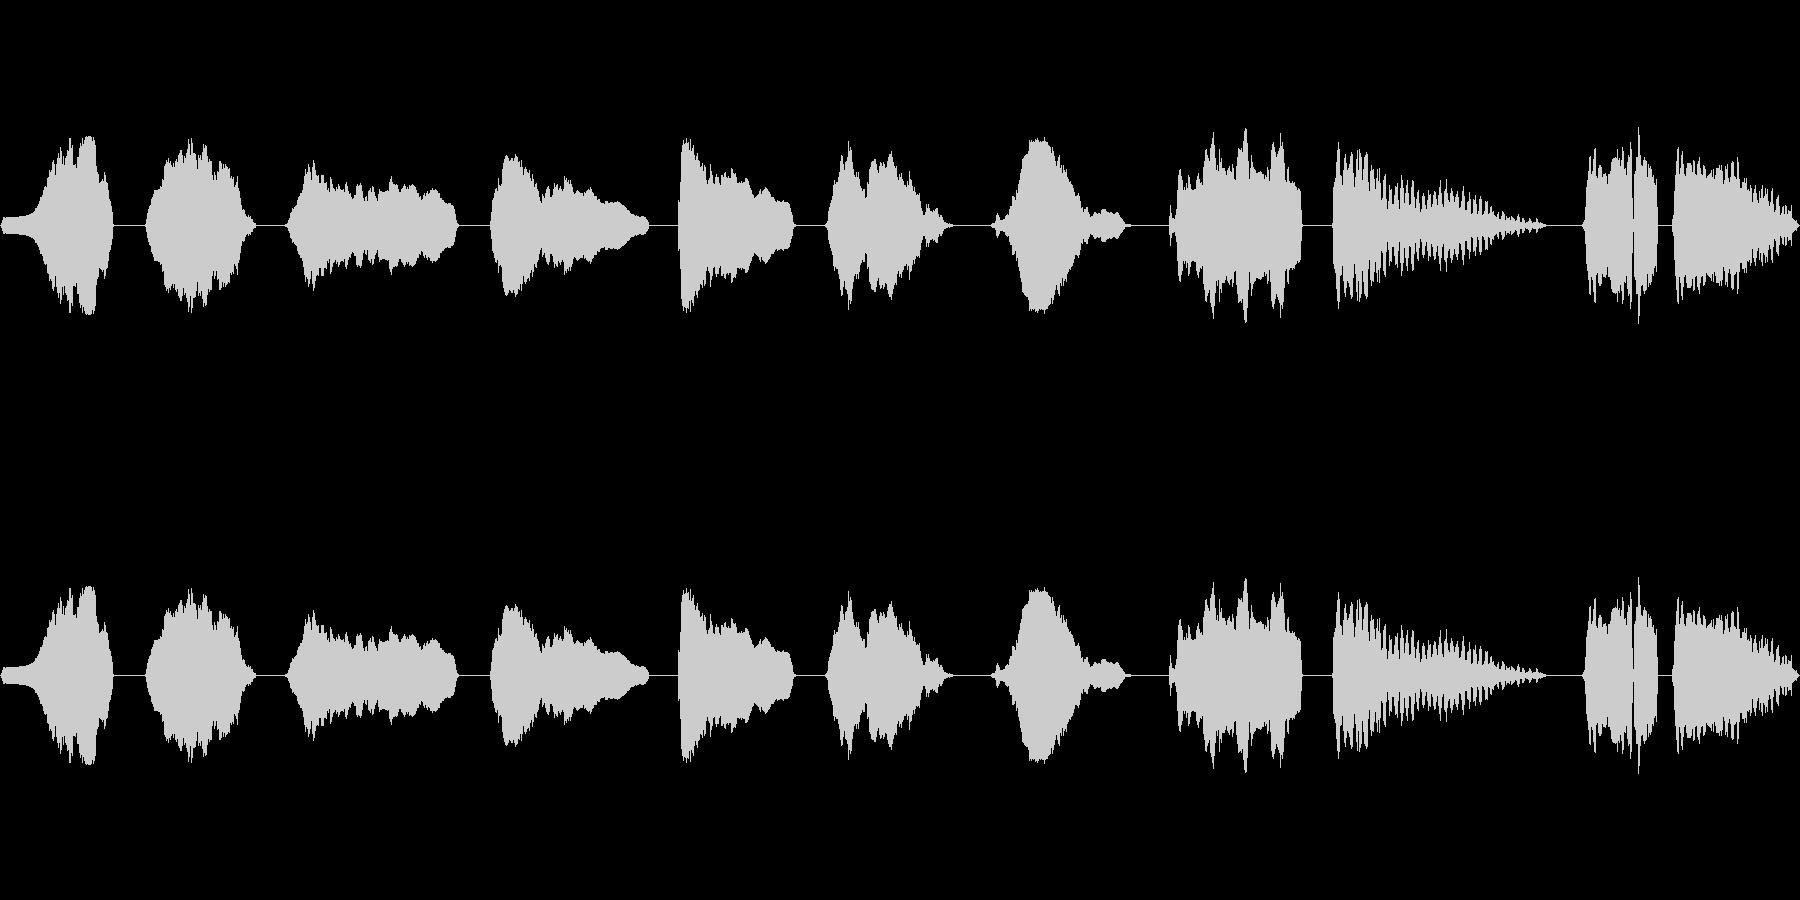 フルート、スライド、上、下、音楽、...の未再生の波形